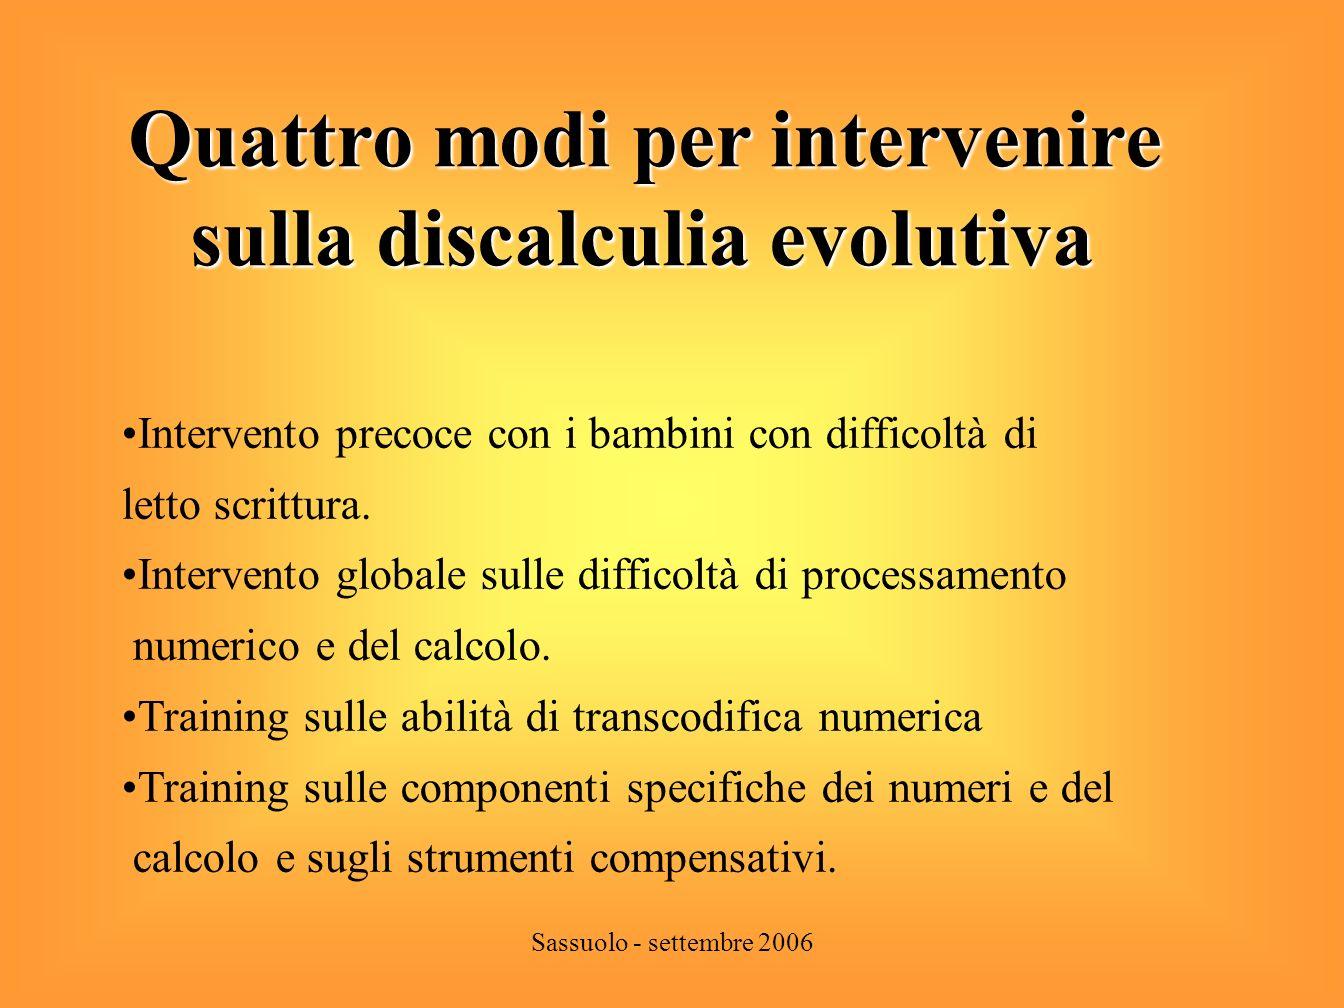 Sassuolo - settembre 2006 Training sulle abilità di transcodifica numerica transcodifica numerica Le abilità di transcodifica vanno riabilitate per prime, perché il bambino non può lavorare sui numeri se non è in grado di leggerli e scriverli.